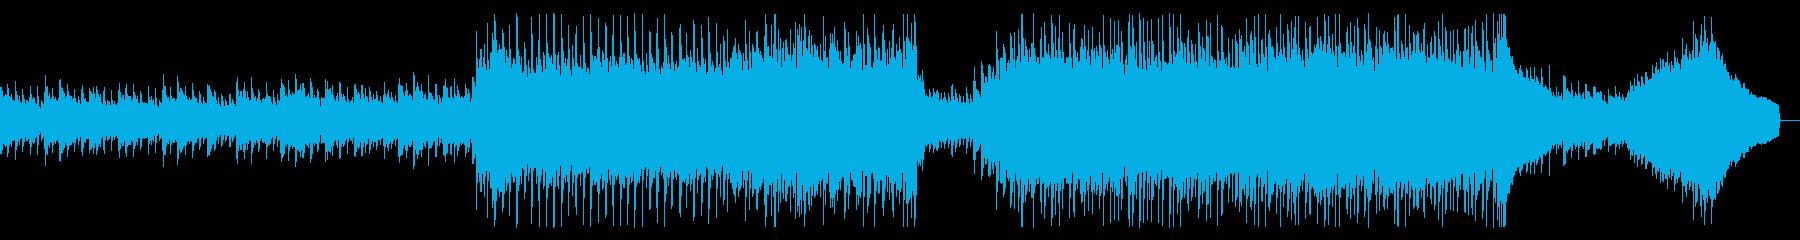 わくわく感溢れる爽やかエレクトロ・ポップの再生済みの波形